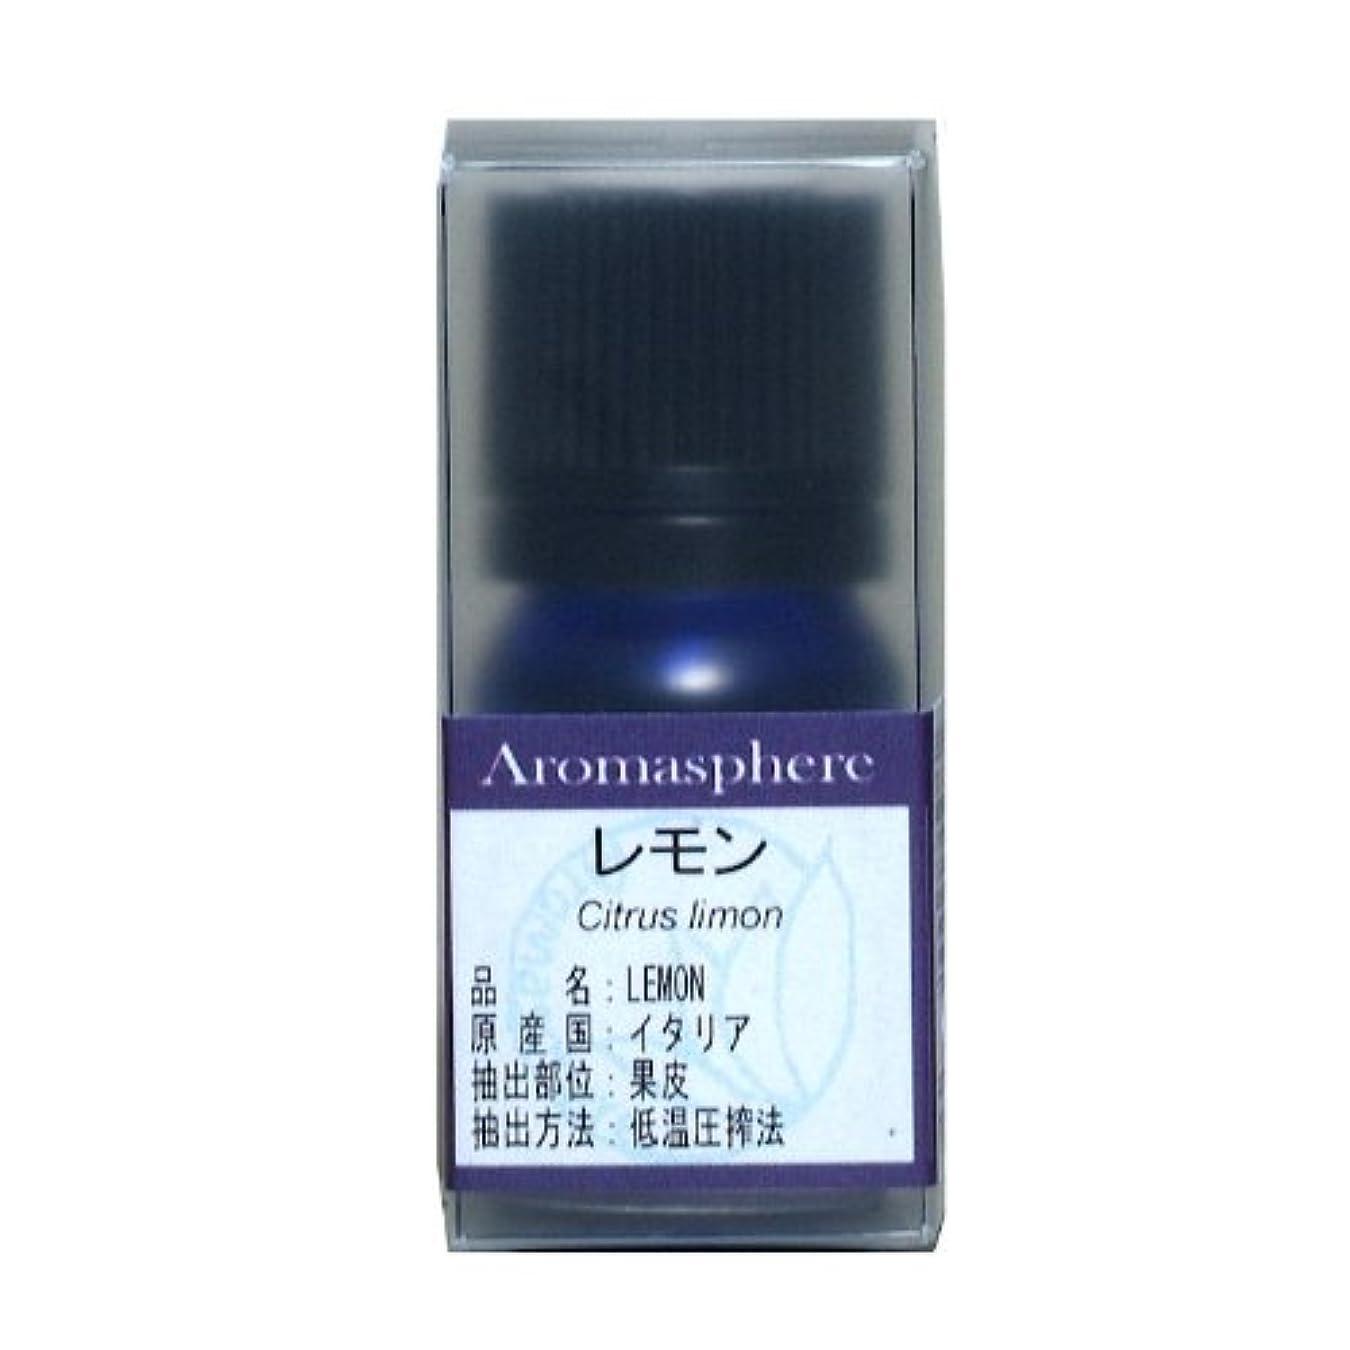 請求変わる男【アロマスフィア】レモン 5ml エッセンシャルオイル(精油)